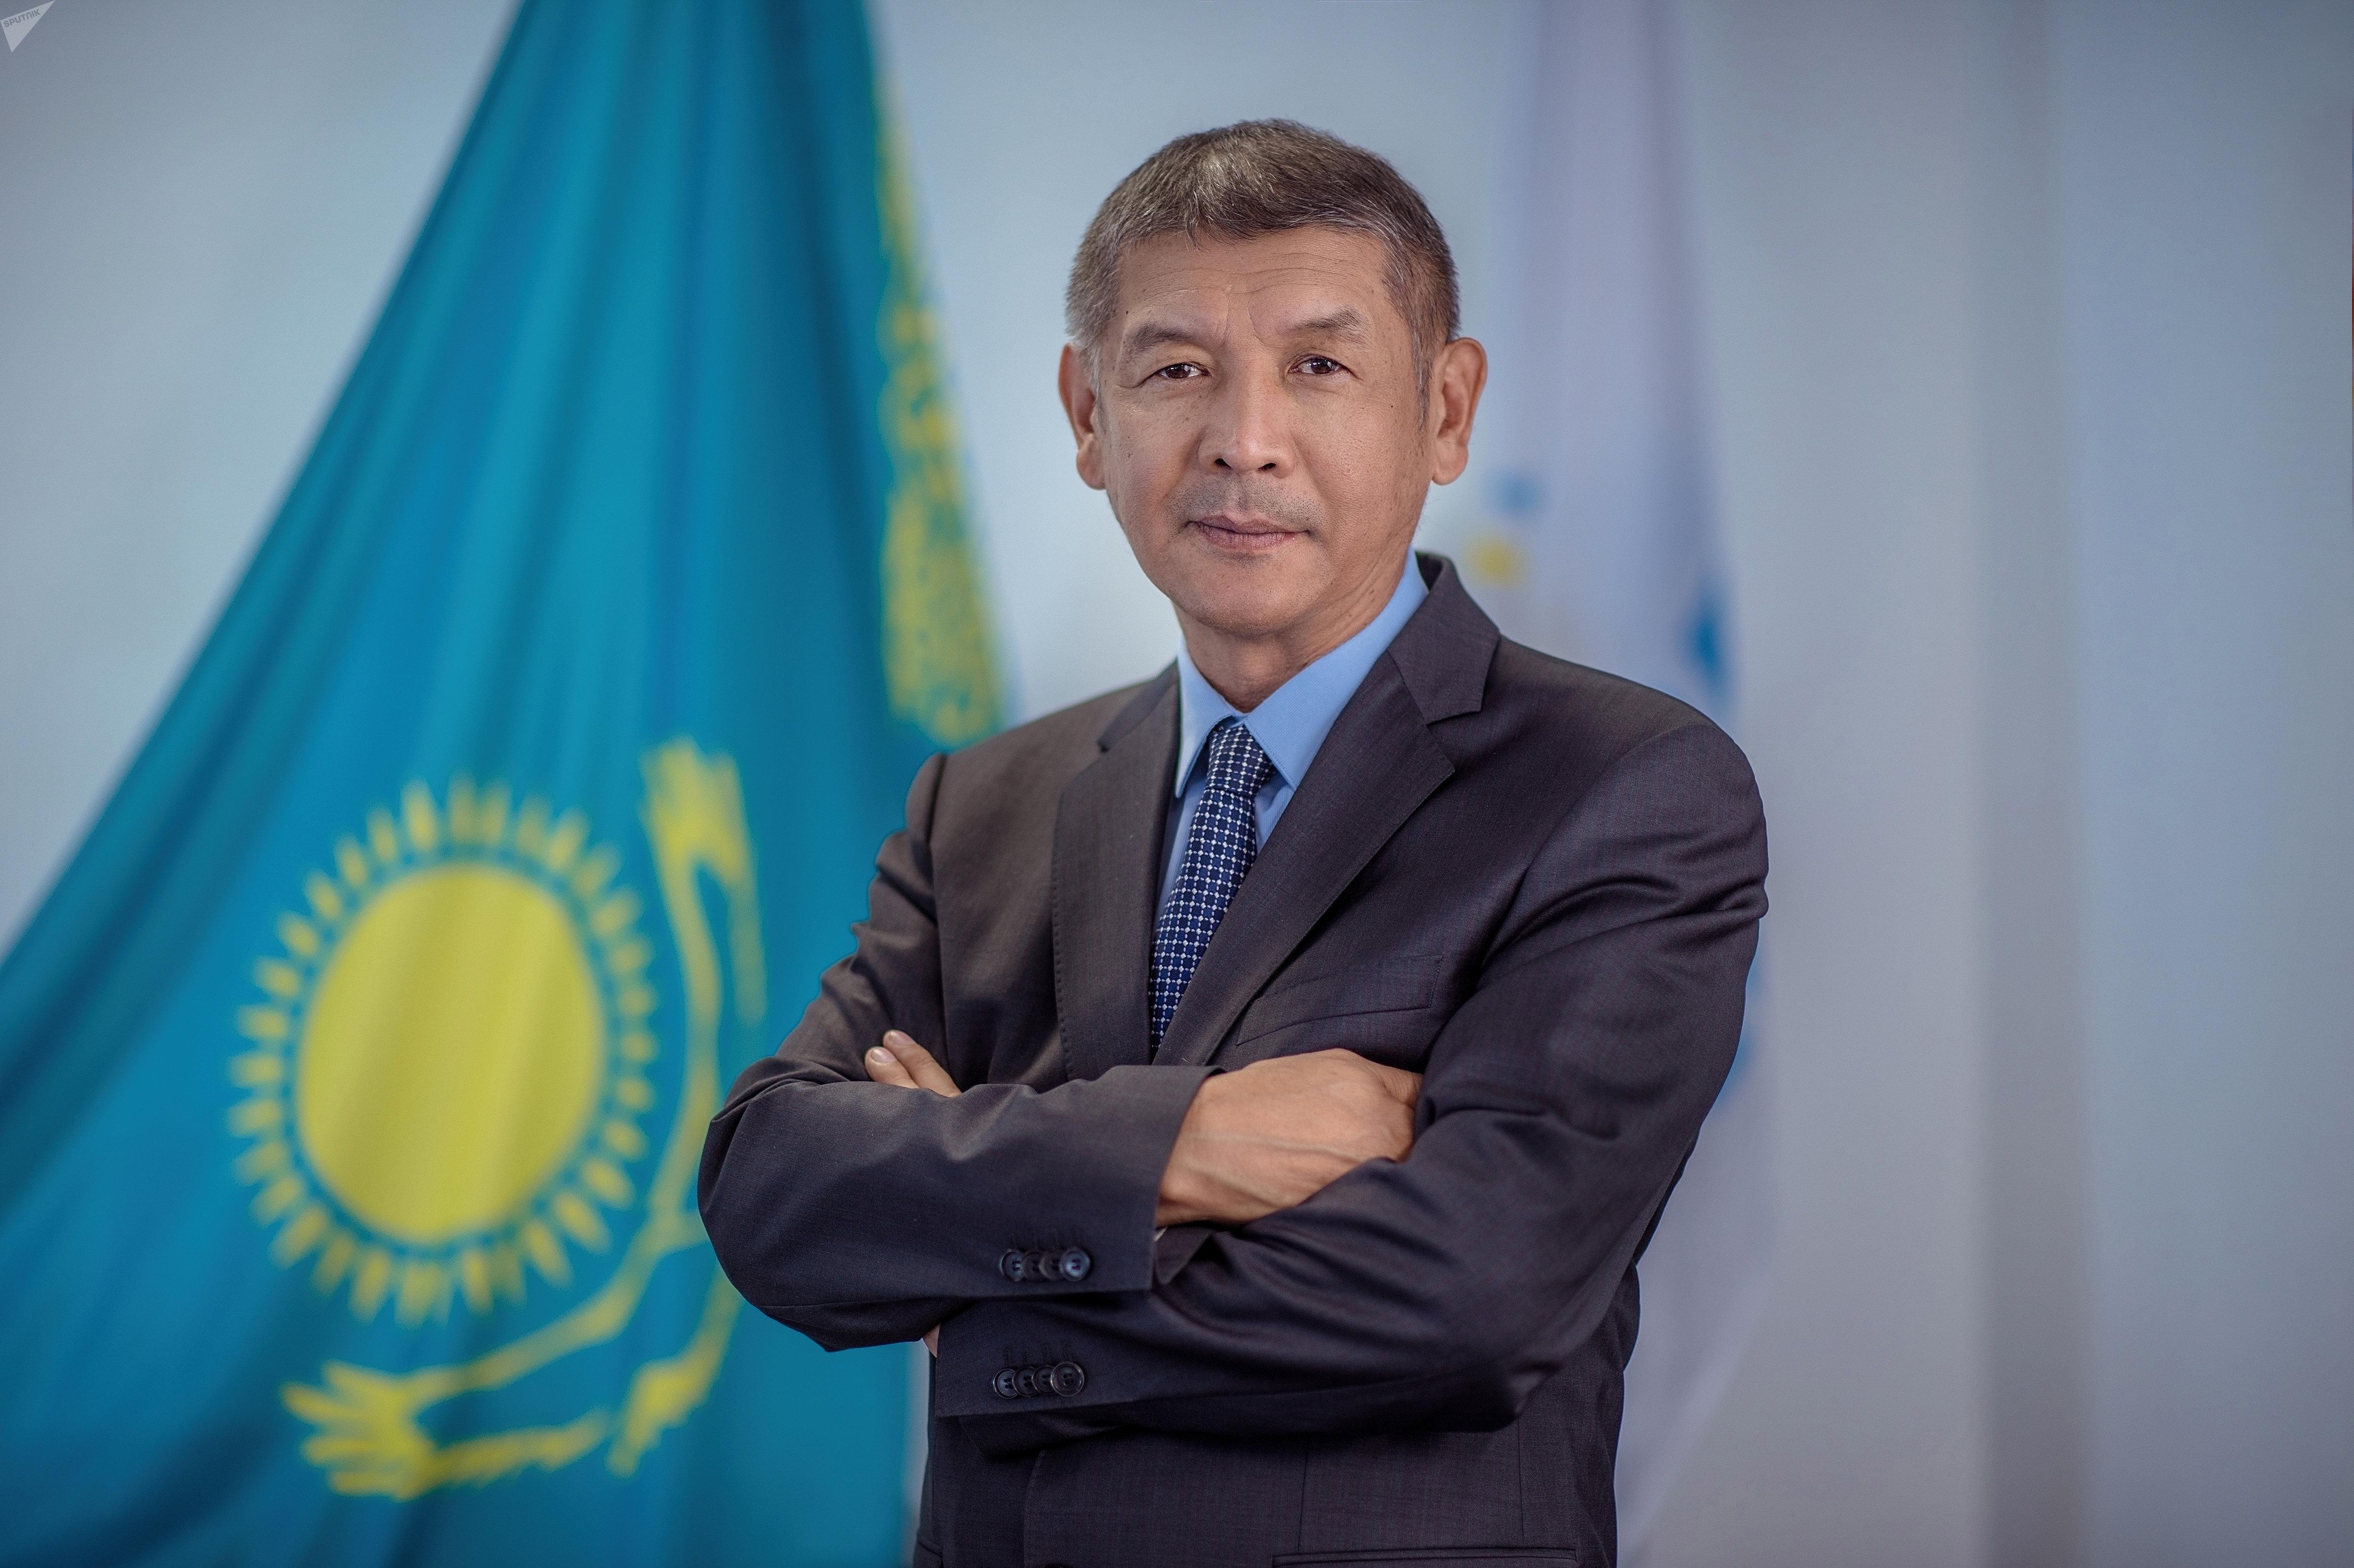 Доктор технических наук, научный руководитель научного центра компании Волковгеология Бауржан Дуйсебаев